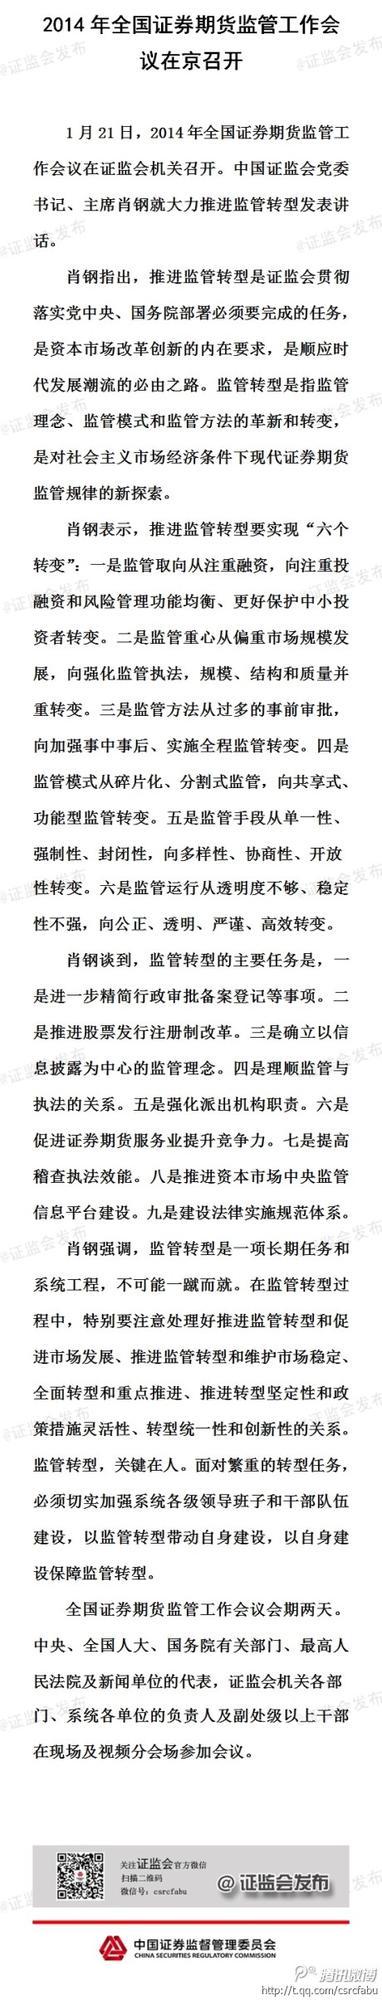 肖钢:九大任务促监管转型 推进发行注册制改革